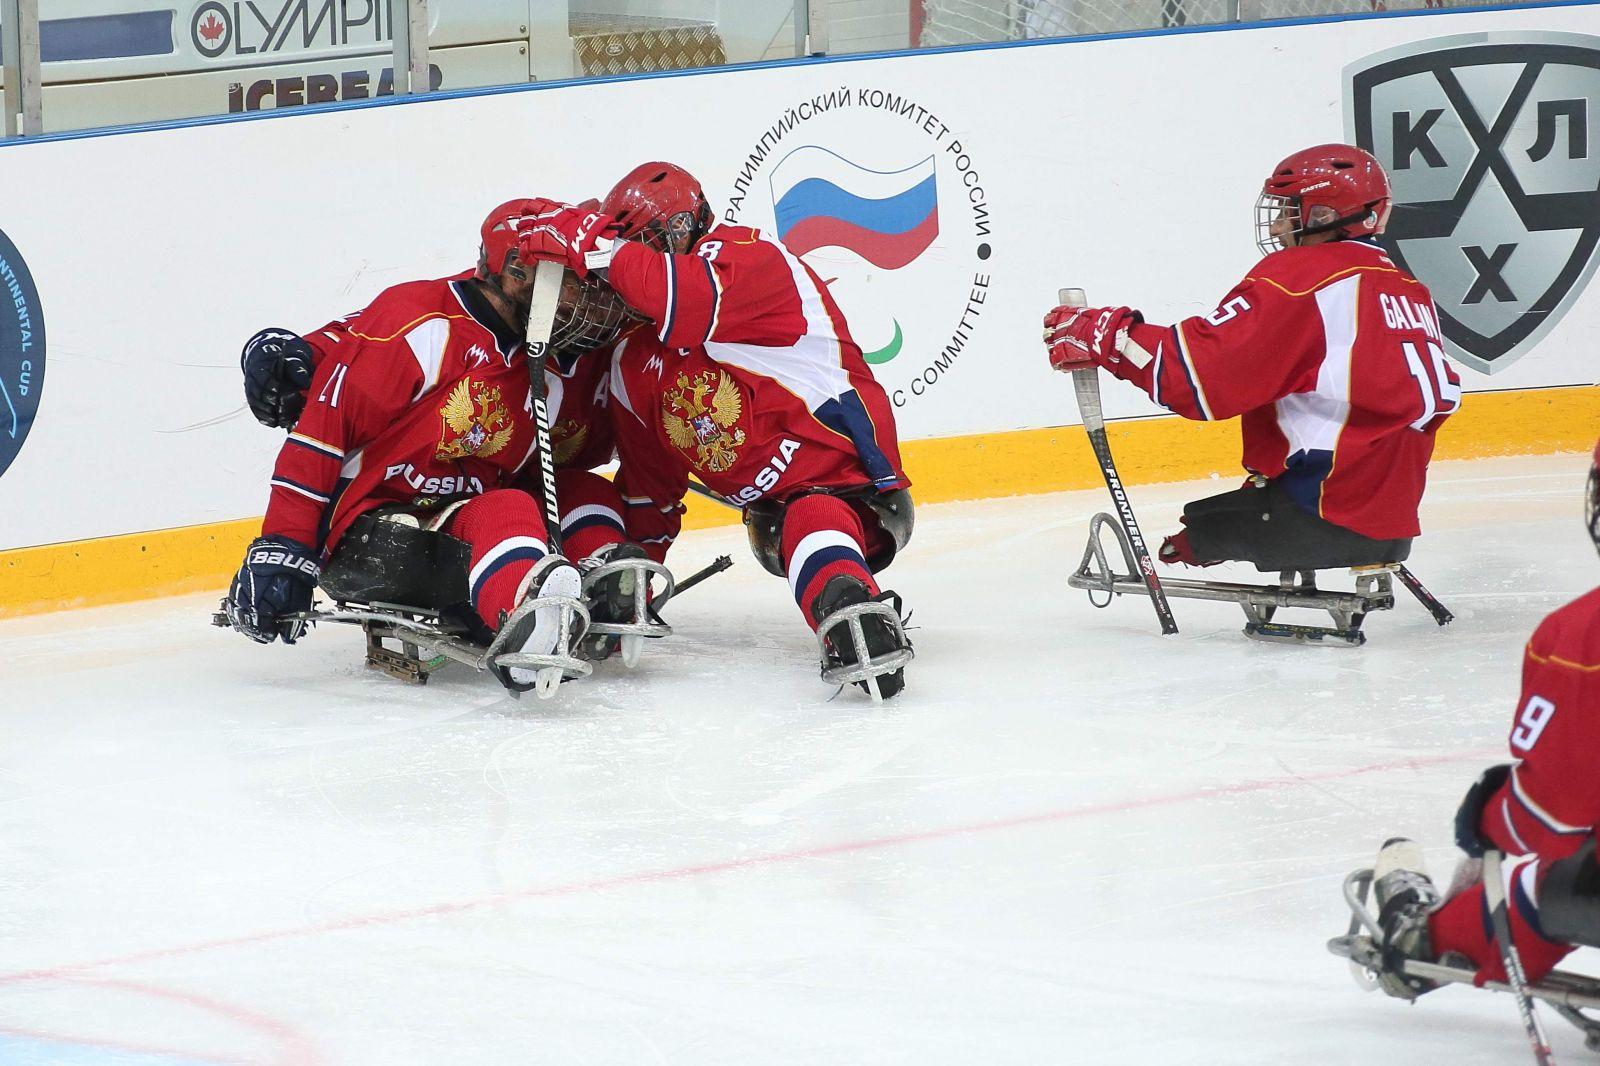 Паралимпийская сборная команда России по хоккею-следж примет участие в чемпионате мира МПК в группе B с 14 по 23 ноября 2019 года в Берлине